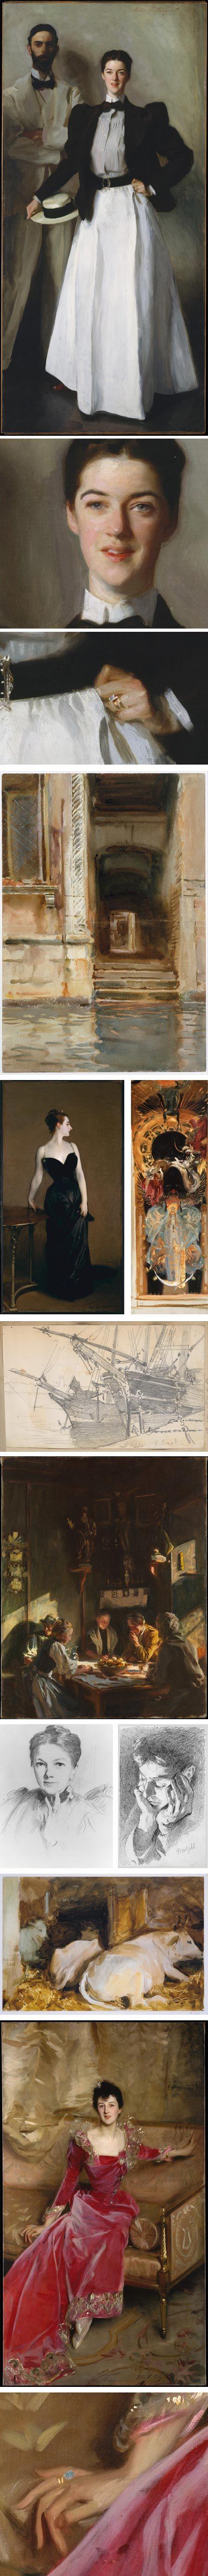 John Singer Sargent http://www.linesandcolors.com/2012/01/12/john-singer-sargent-on-met-museum-website/